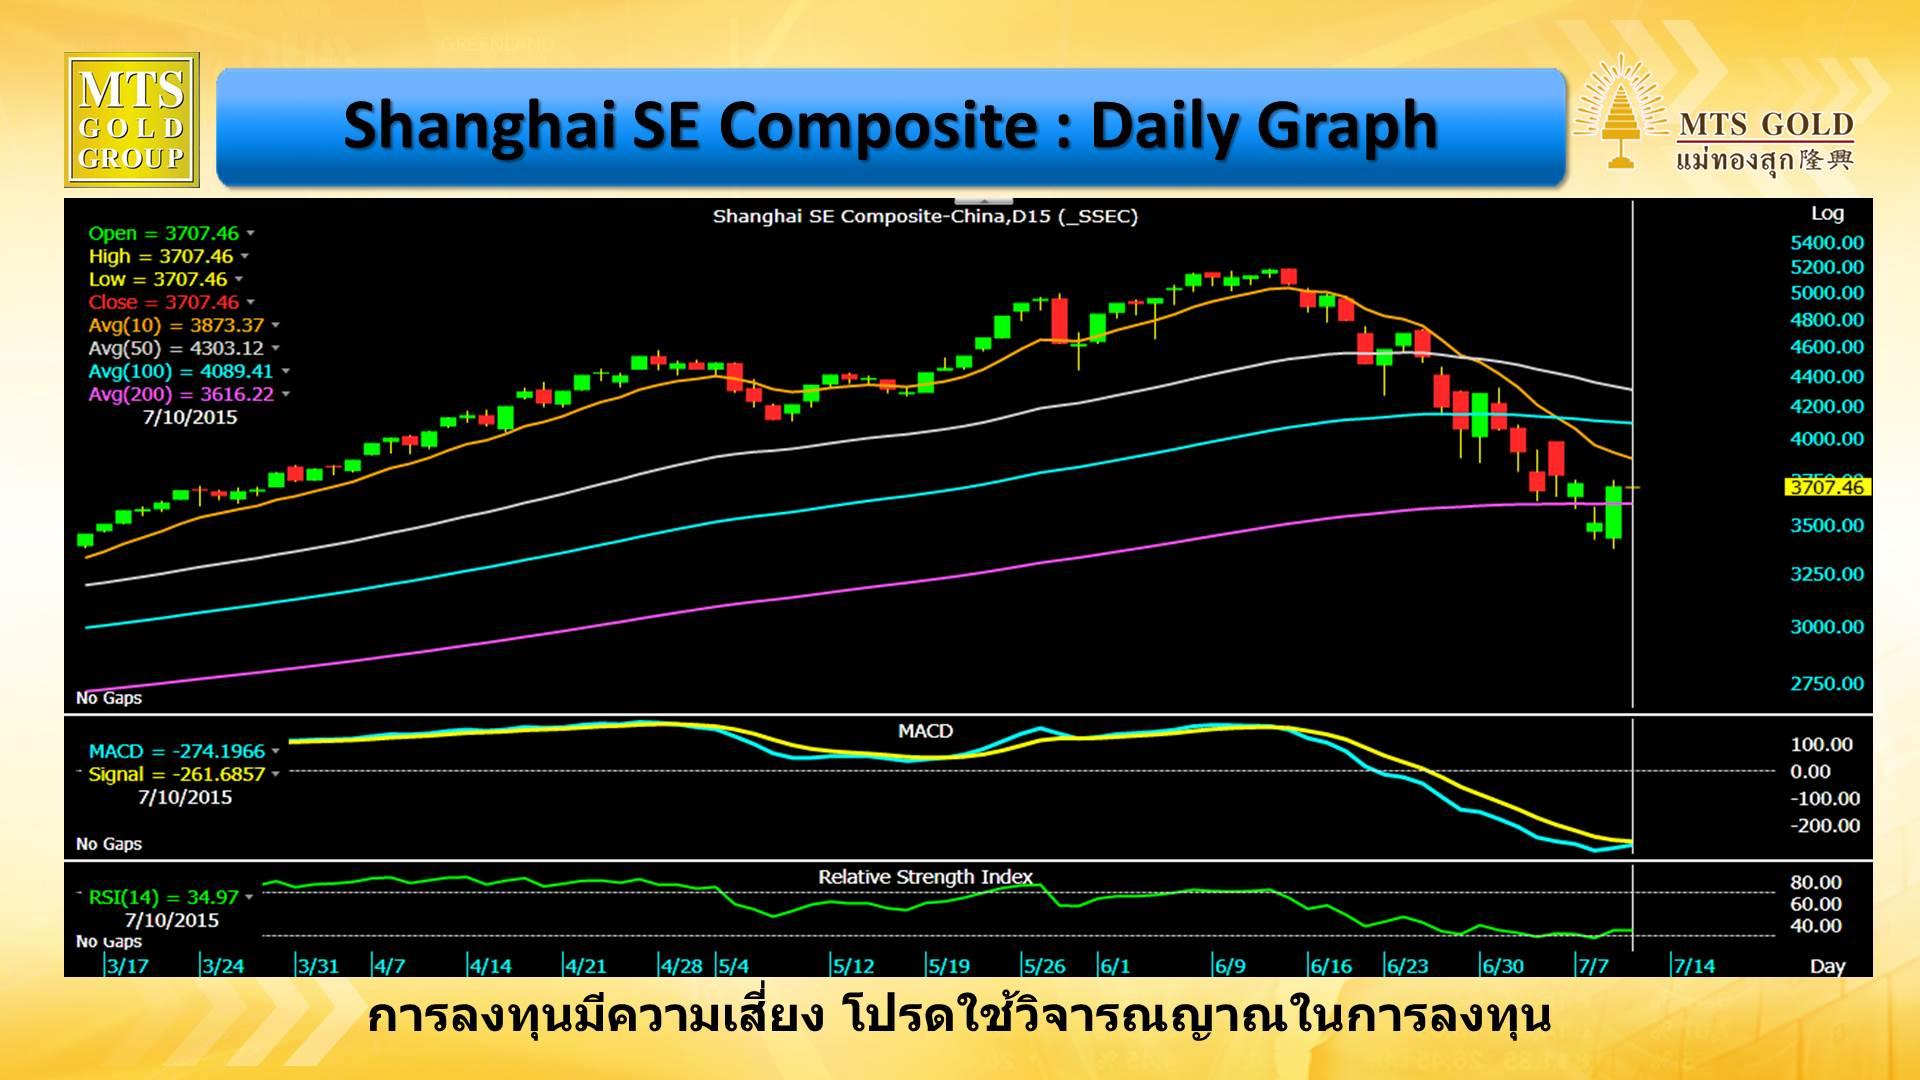 สรุปข่าวตลาดหุ้น (ภาคเช้า) ประจำวันที่ 10 กรกฎาคม 2558